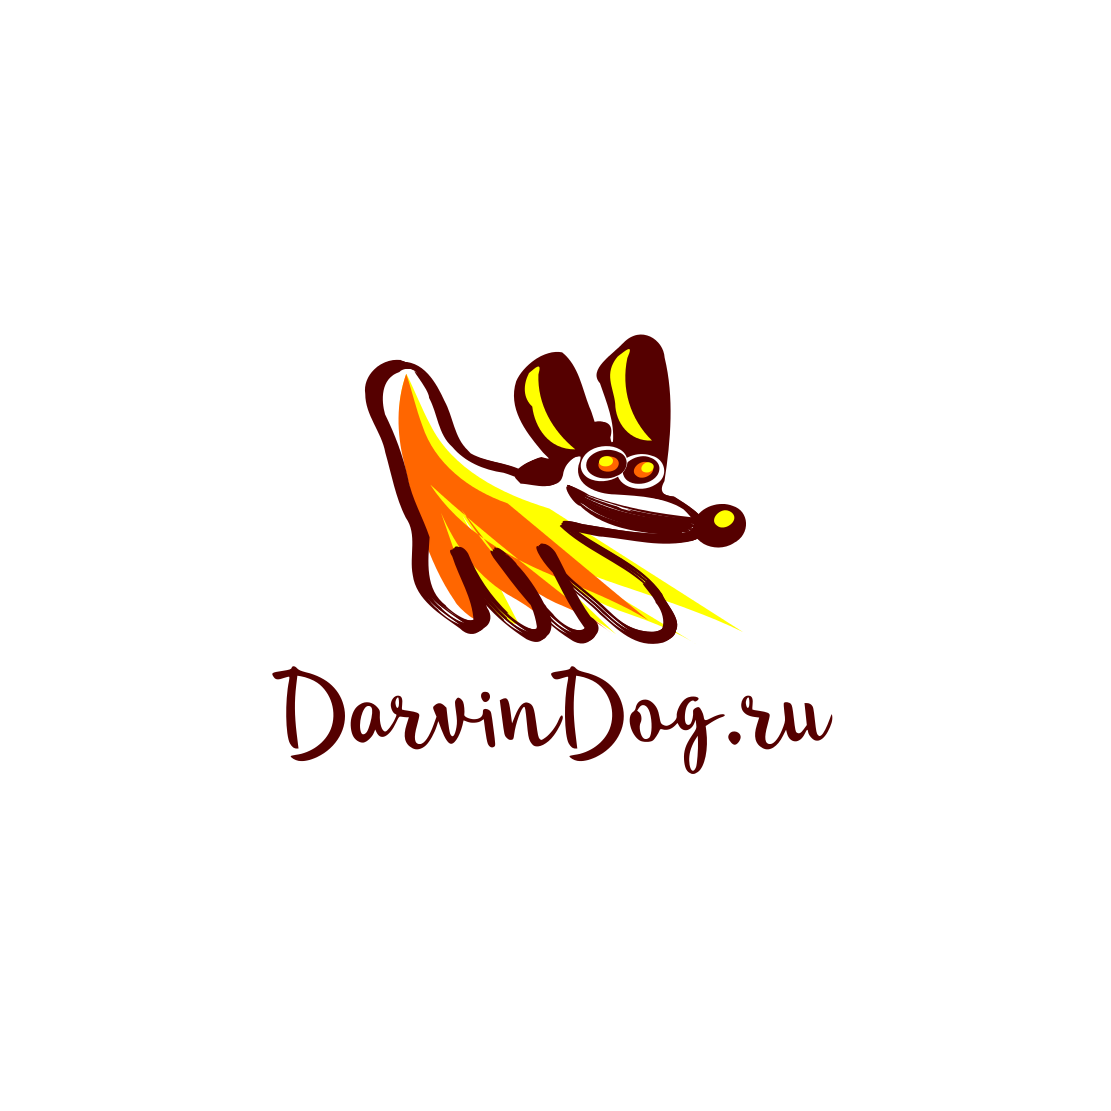 Создать логотип для интернет магазина одежды для собак фото f_787564a15192ef46.png